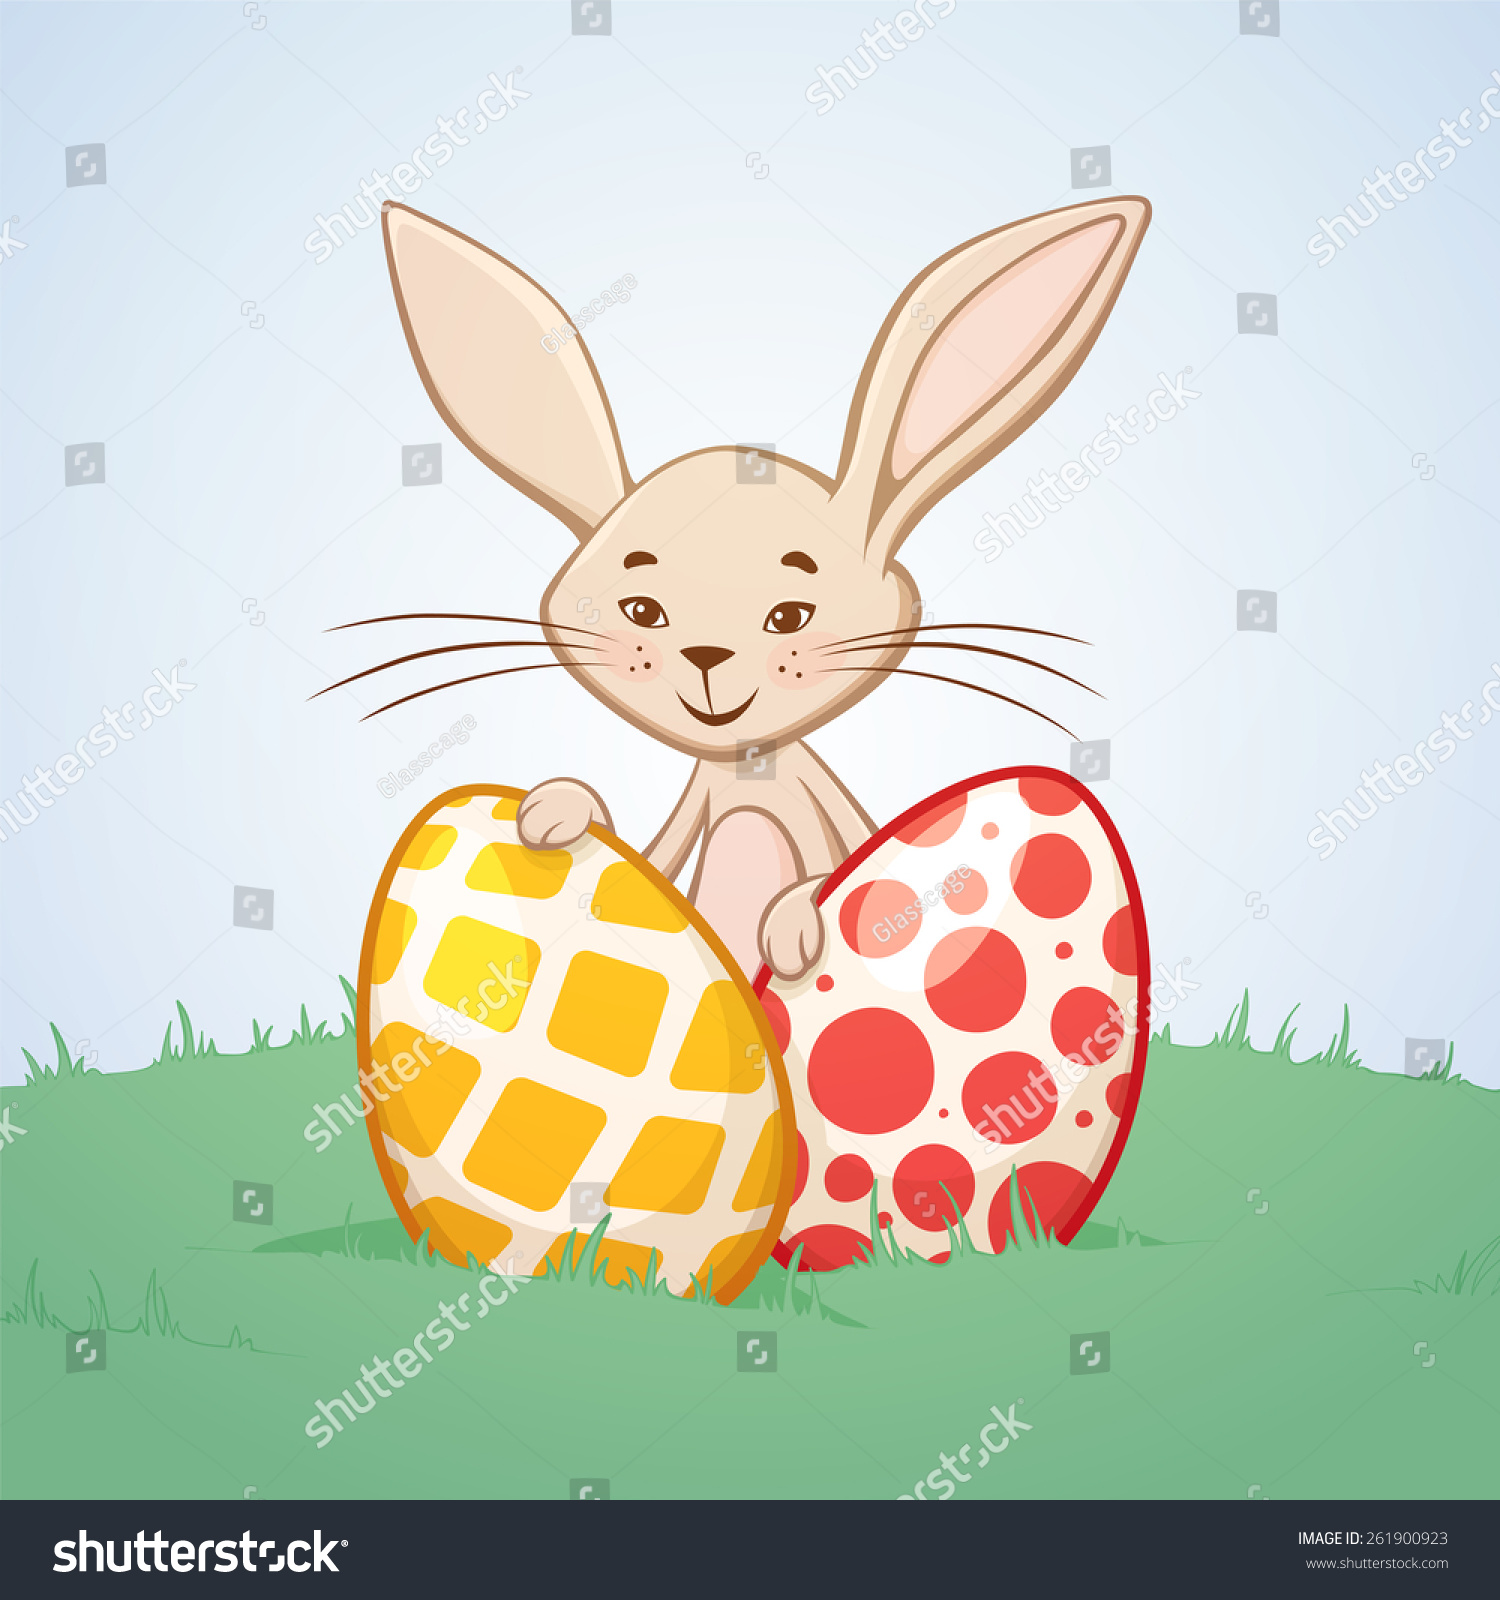 可爱的复活节兔子,有两只彩色的鸡蛋在一个草地上